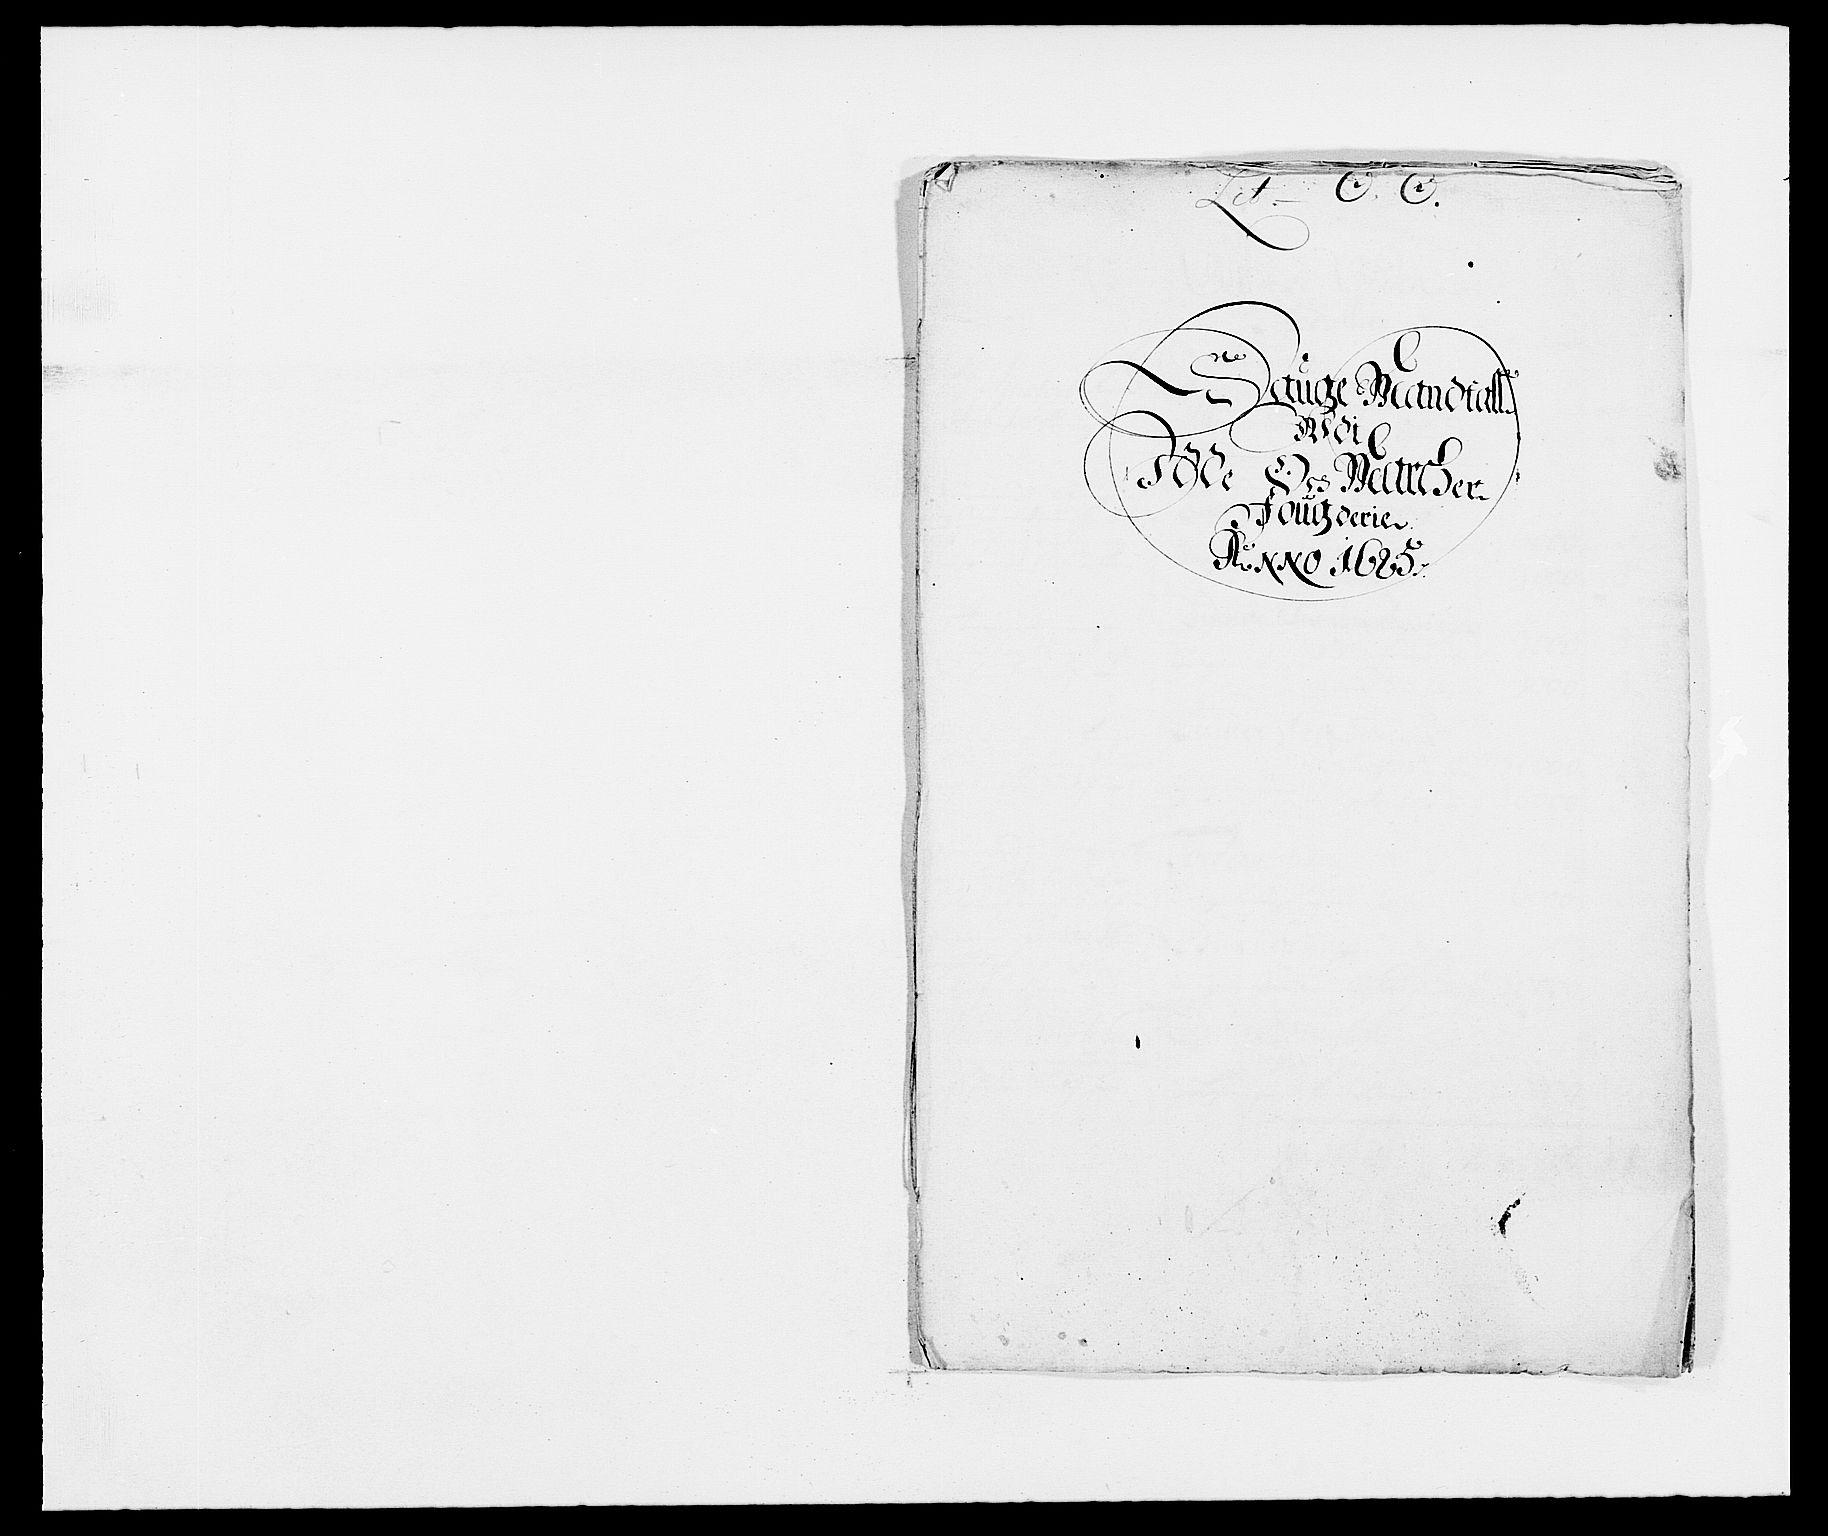 RA, Rentekammeret inntil 1814, Reviderte regnskaper, Fogderegnskap, R01/L0006: Fogderegnskap Idd og Marker, 1685-1686, s. 156